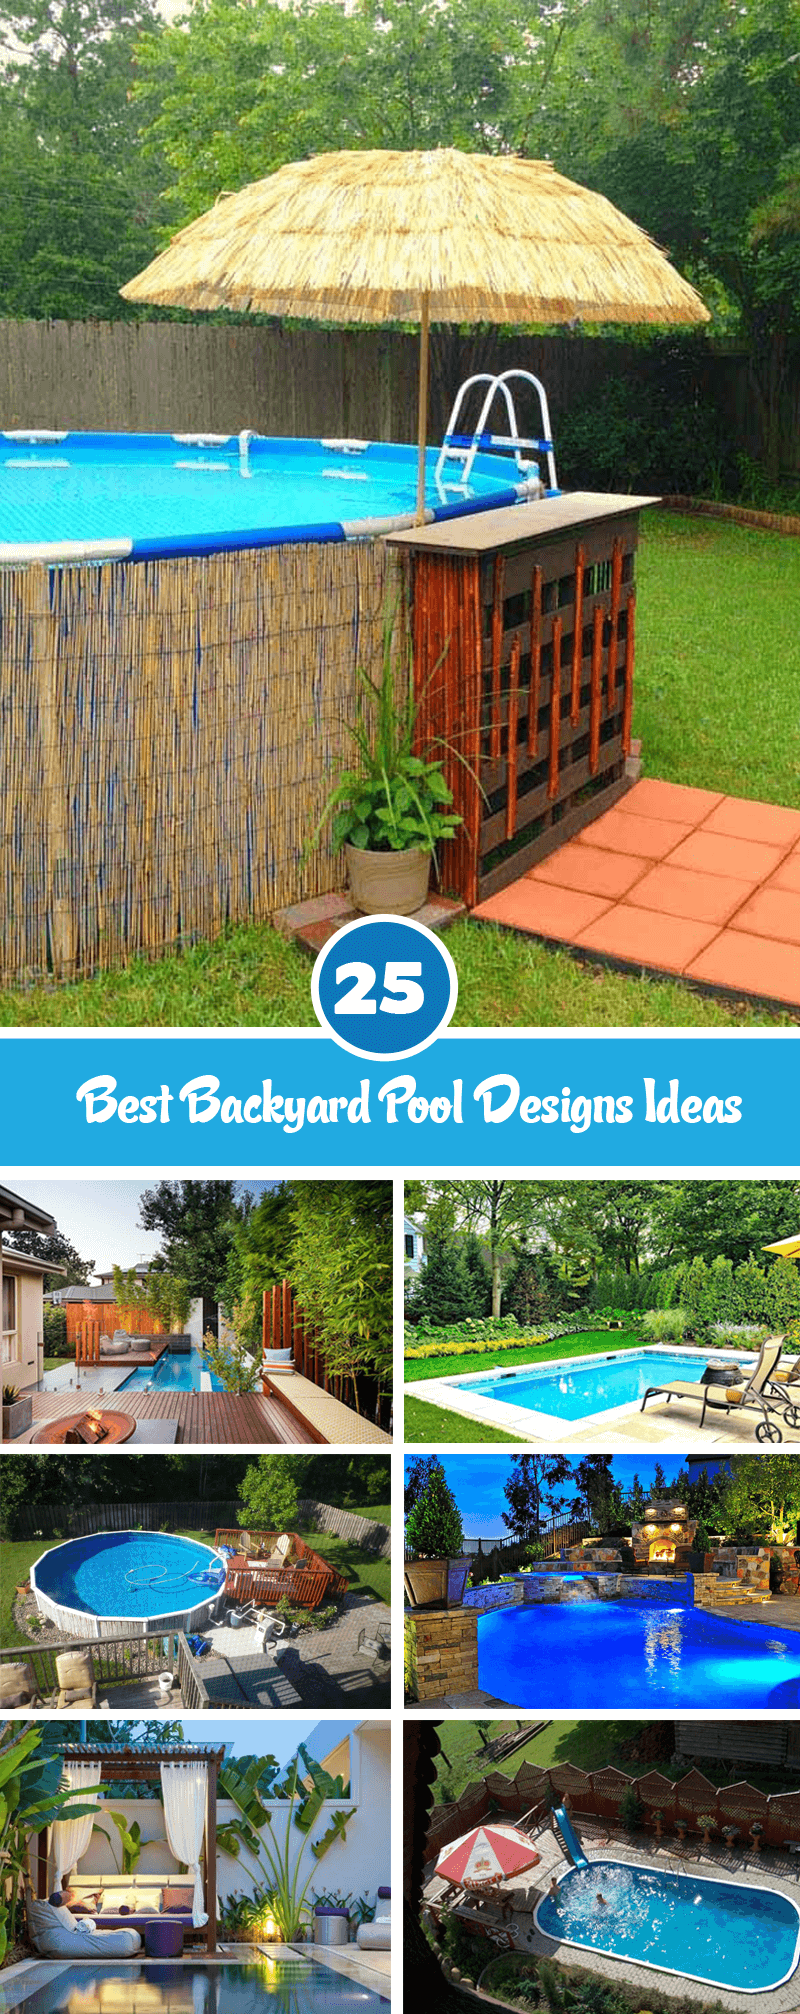 best backyard pool designs ideas